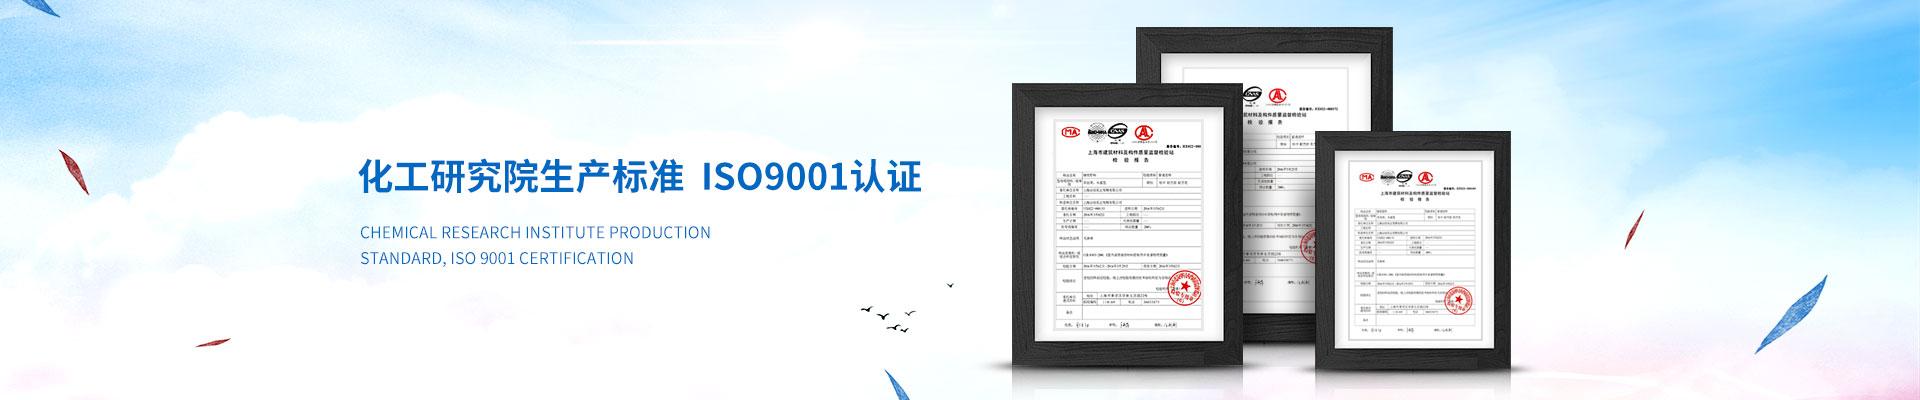 慧星化工-化工研究院生产标准,ISO9001认证